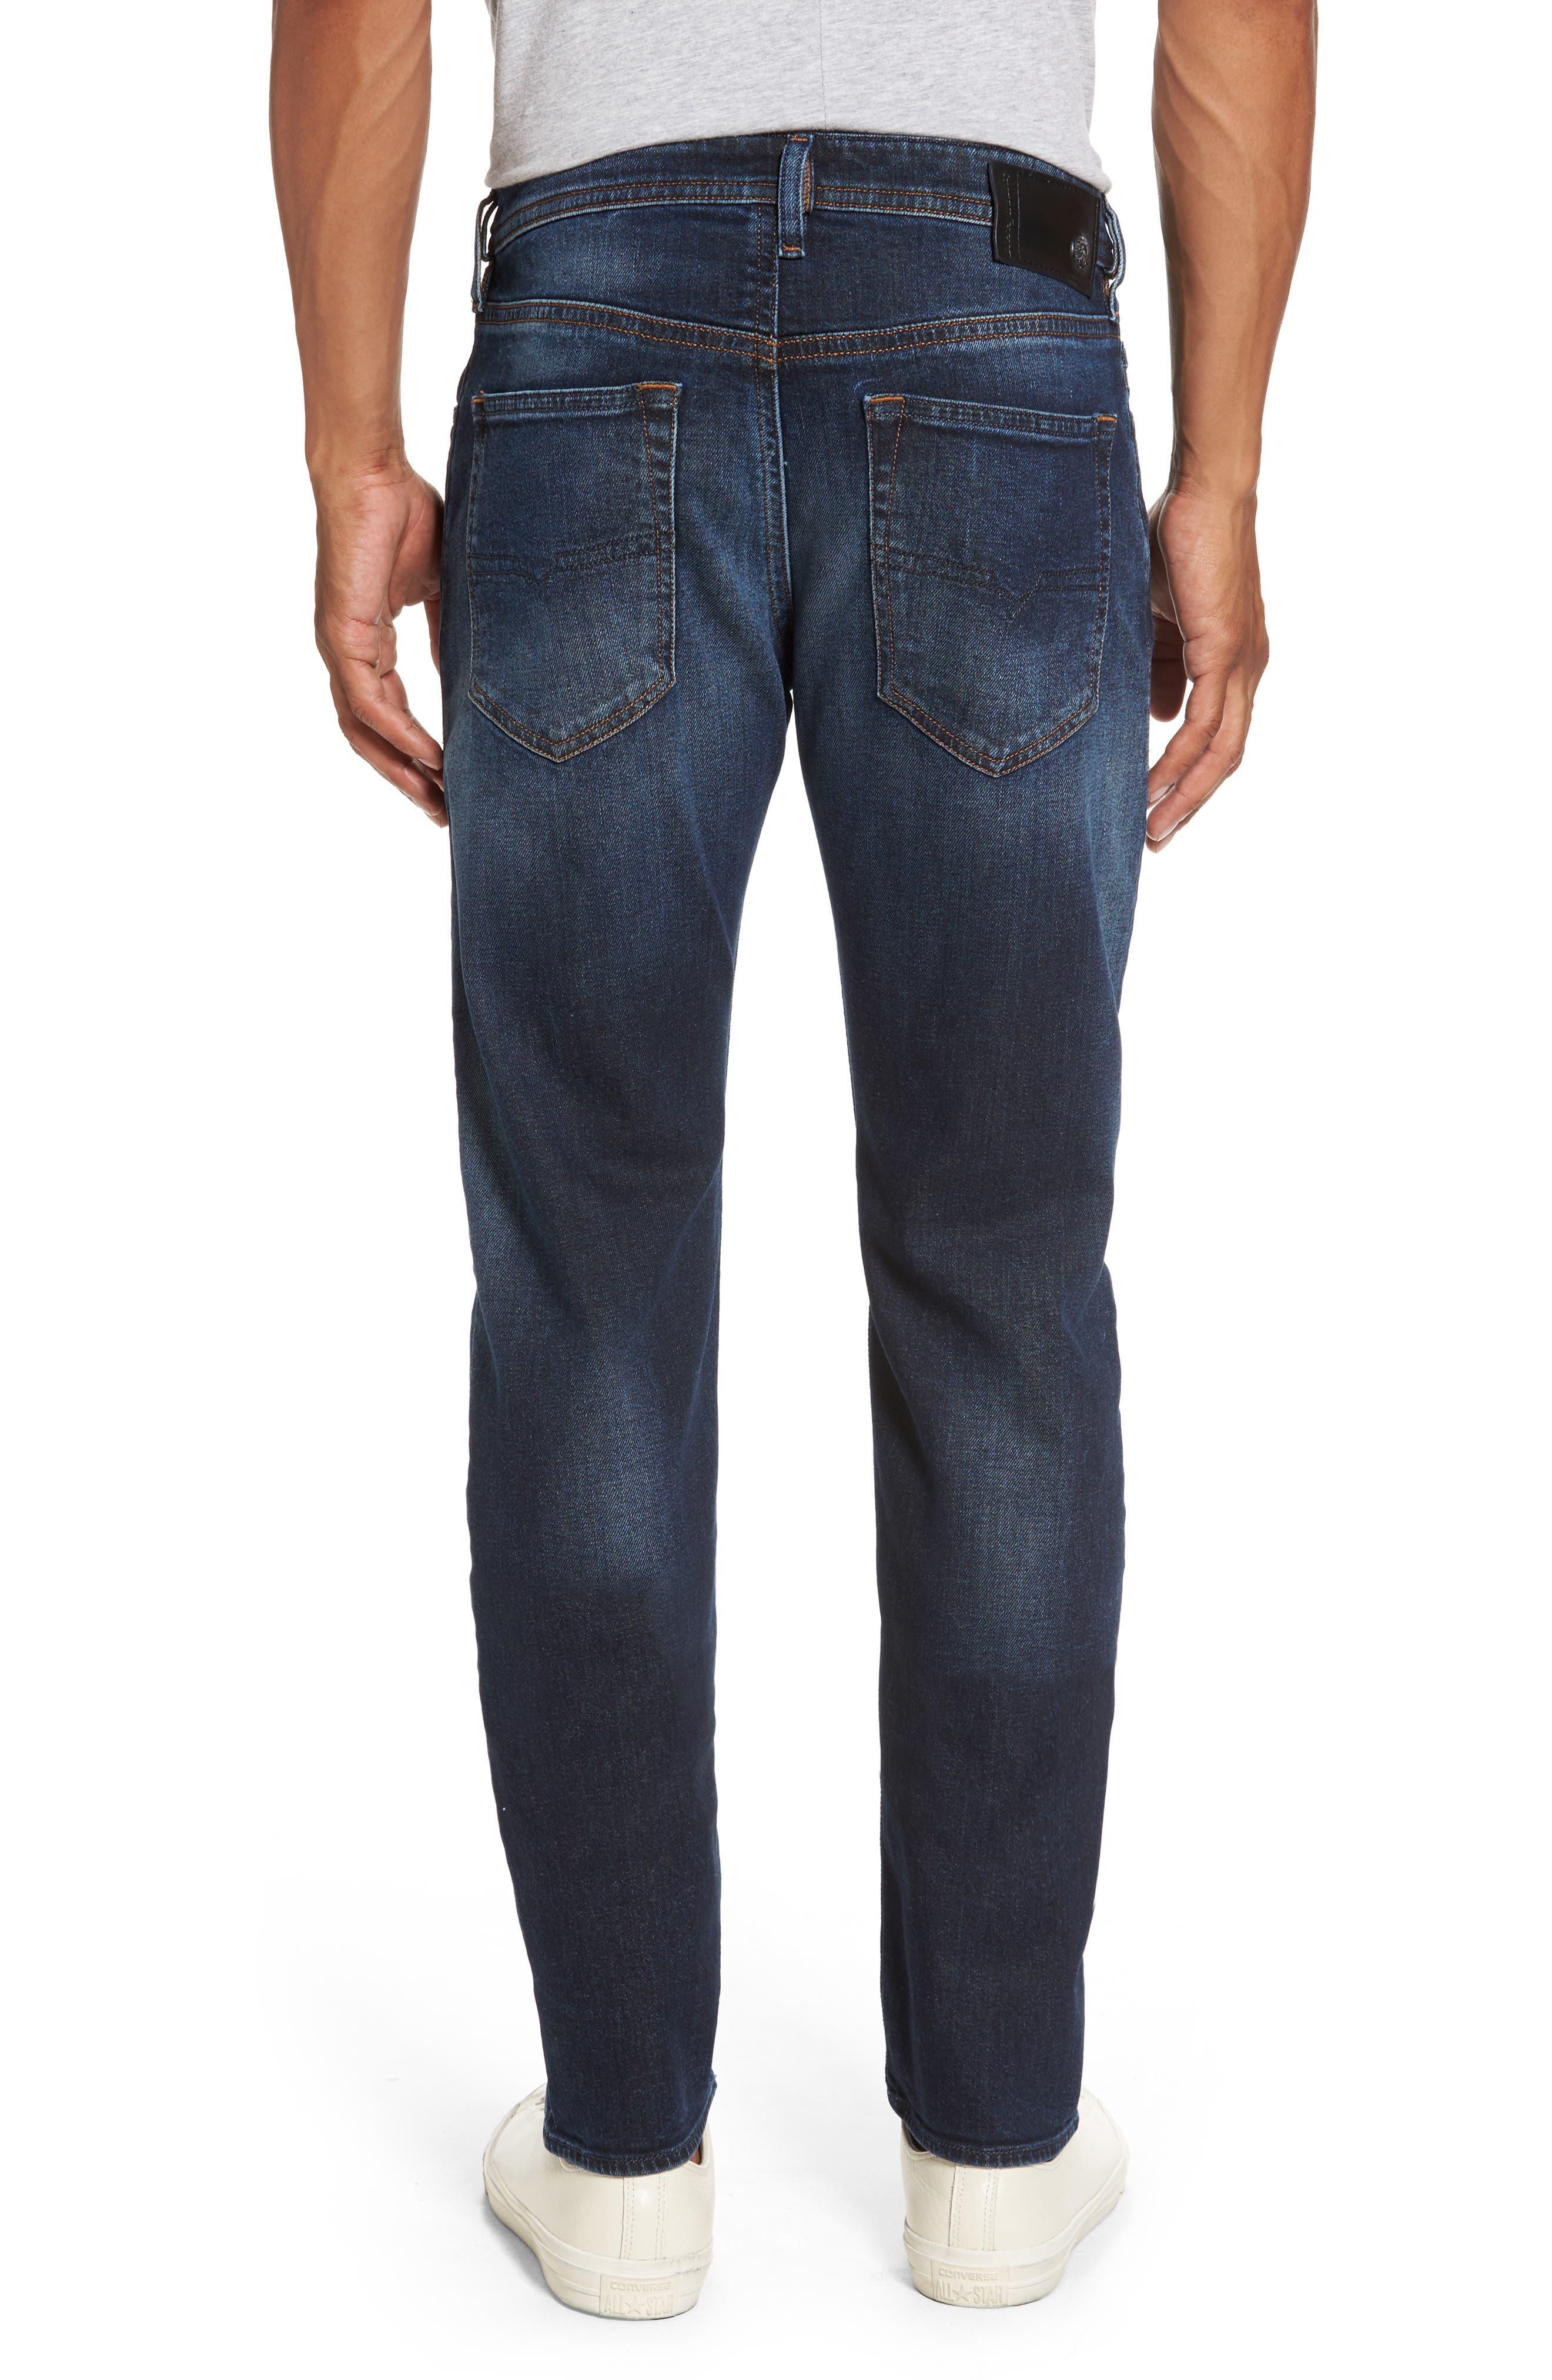 Buster Slim Straight Leg Jeans,                             Alternate thumbnail 2, color,                             Denim